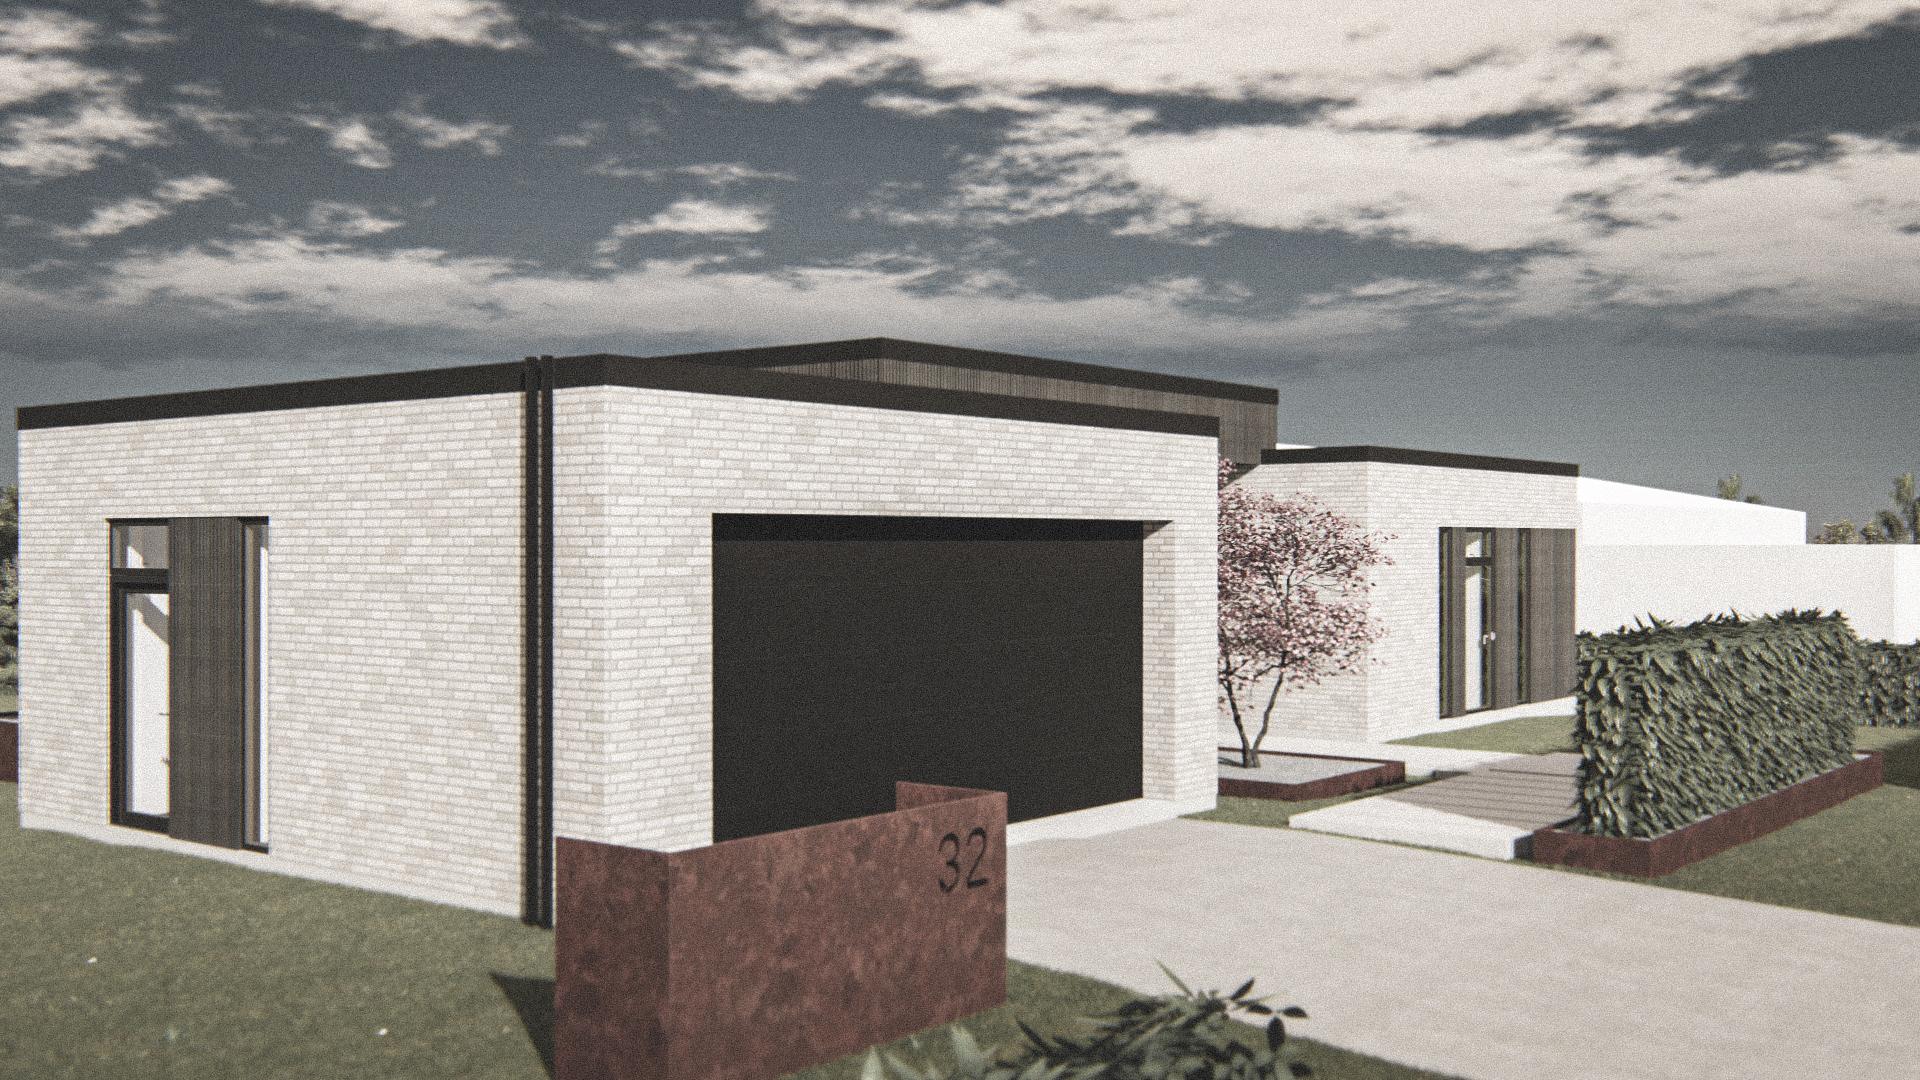 Billede af Dansk arkitekttegnet 1 plan villa af arkitektfirmaet m2plus, i Viborg på 196 kvartratmeter.